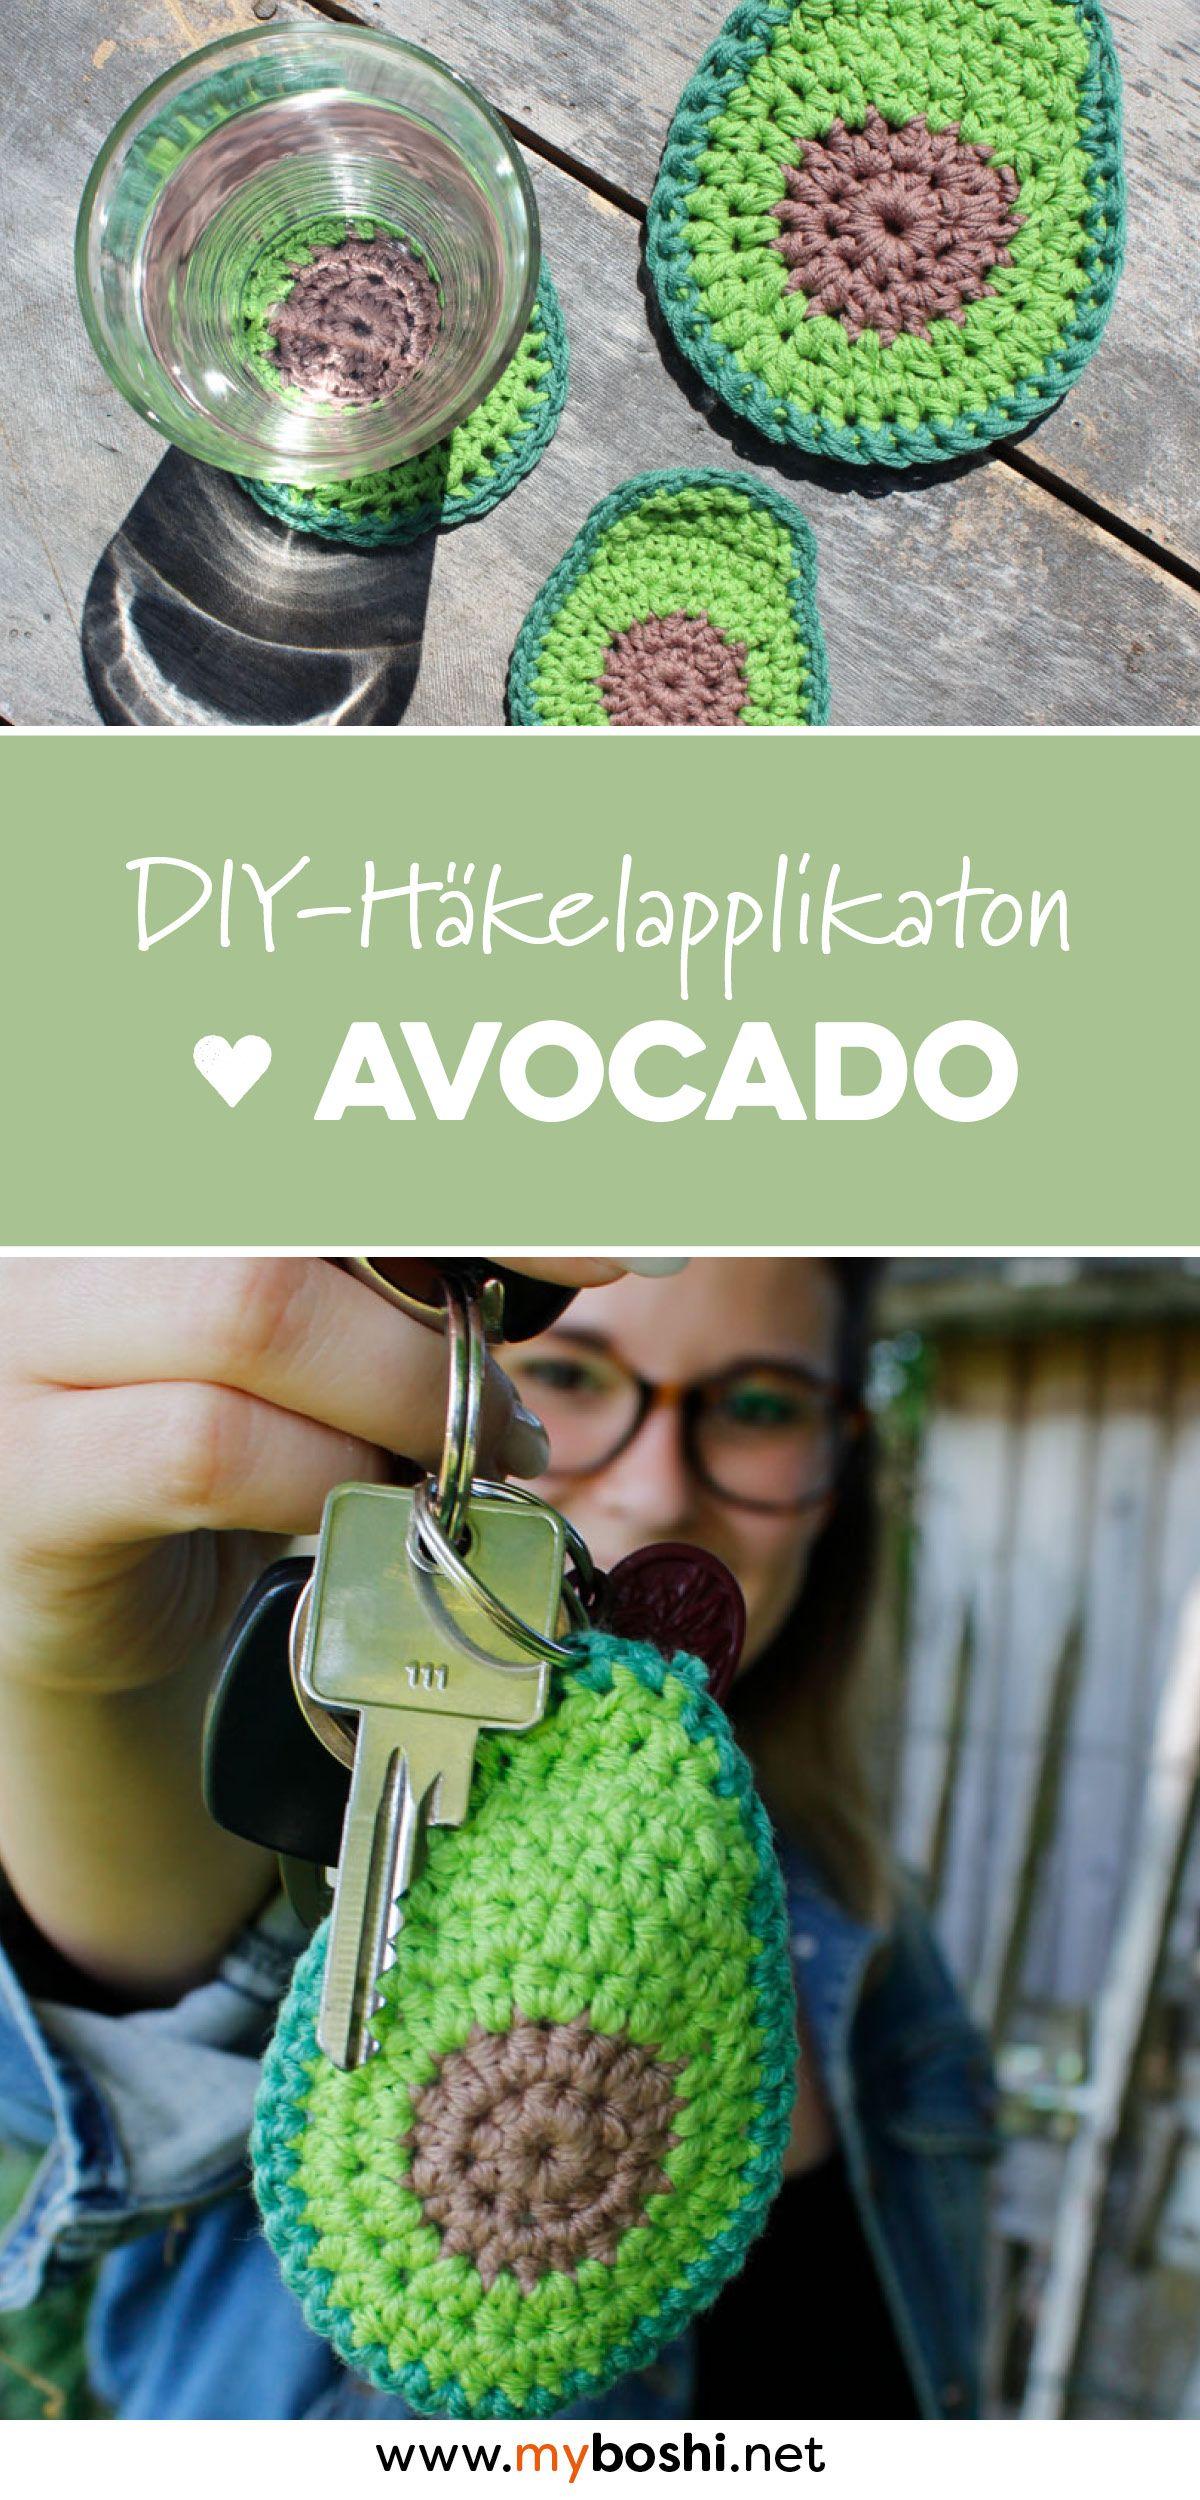 Avocado häkeln - kostenlose Häkelanleitung (echt einfach!)